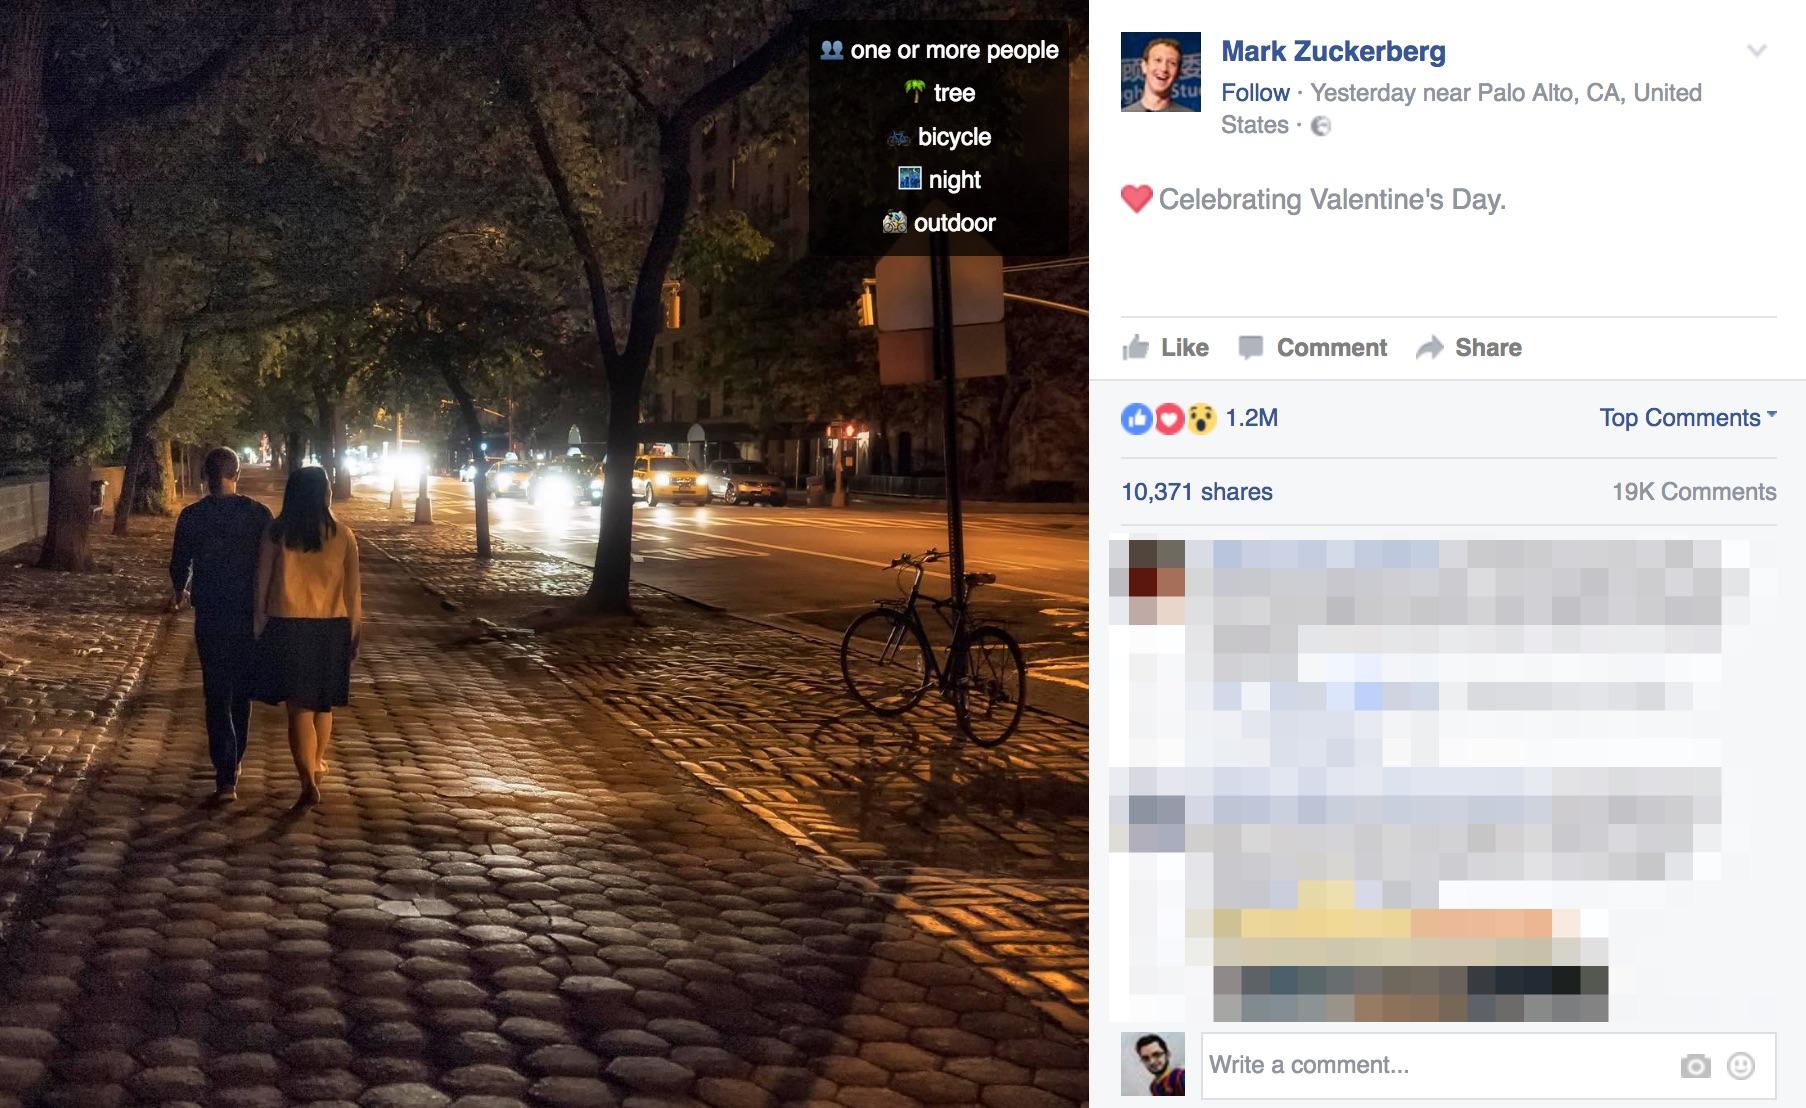 كيفية عرض معلومات عن محتويات أي صورة على فيس بوك